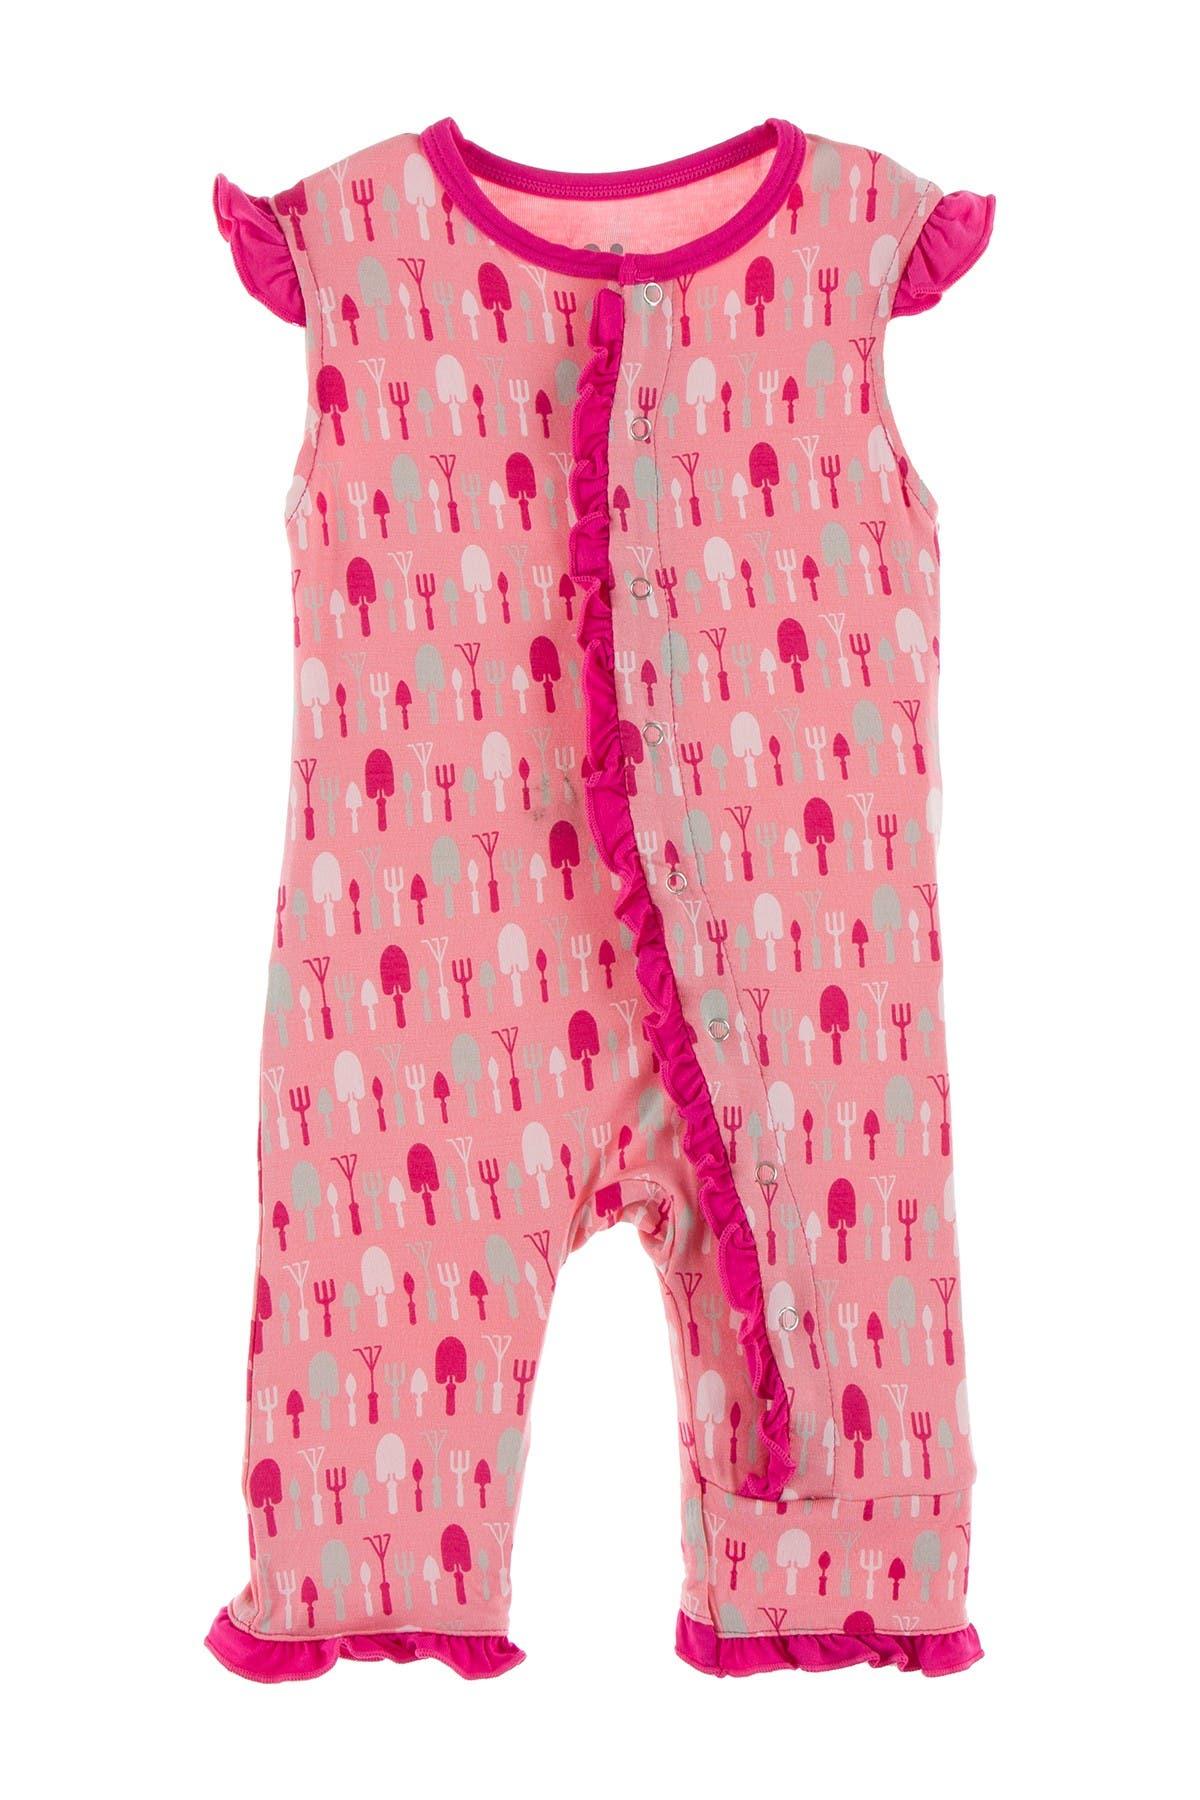 Image of KicKee Pants Printed Ruffle Romper